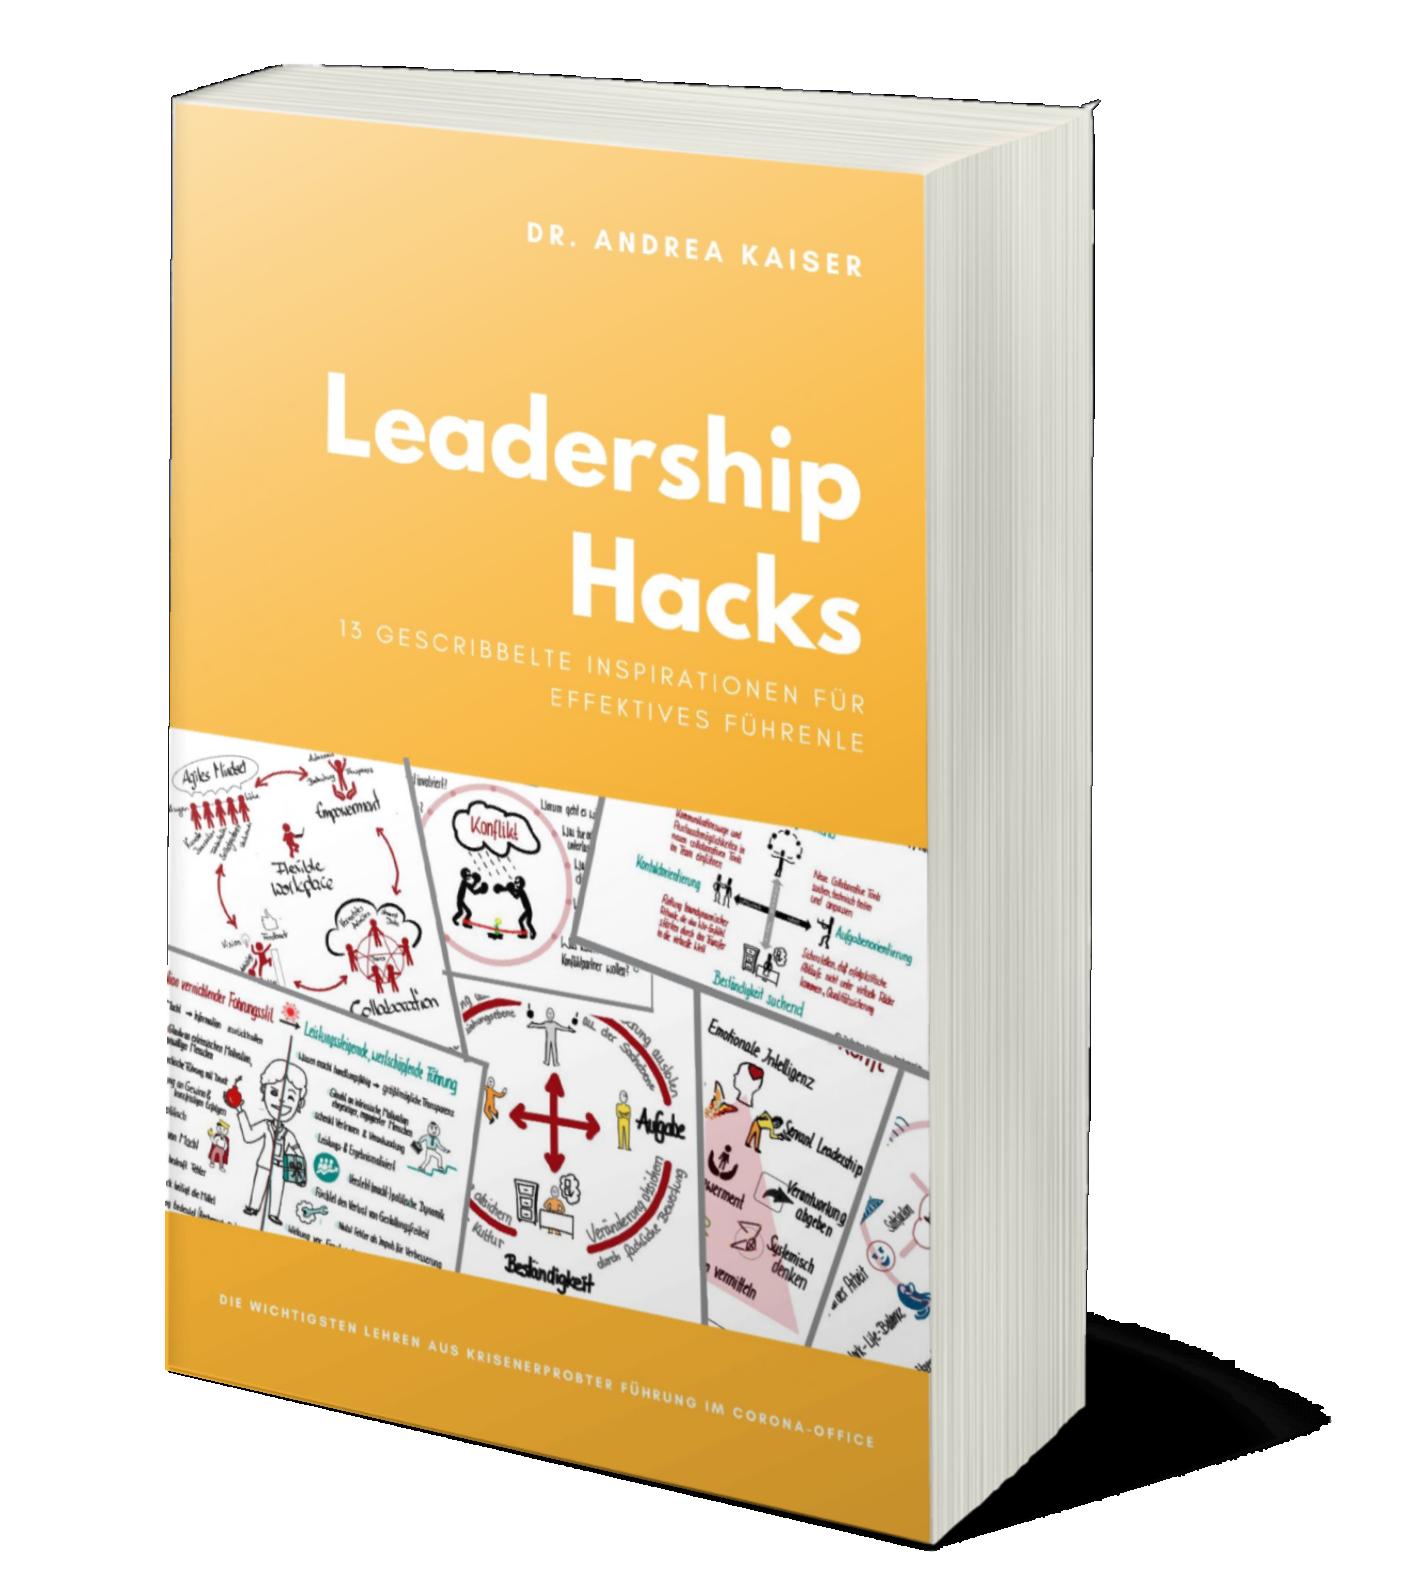 Leadership Hacks: 13 Tipps für wirkungsvolle Führung